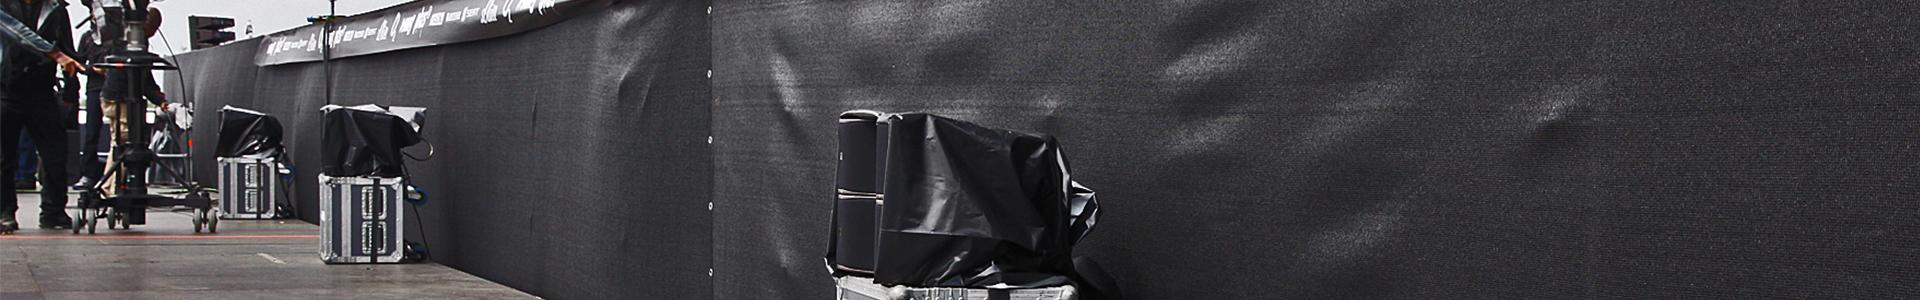 sichtschutz aus gaze und planen kaufen allbuyone. Black Bedroom Furniture Sets. Home Design Ideas